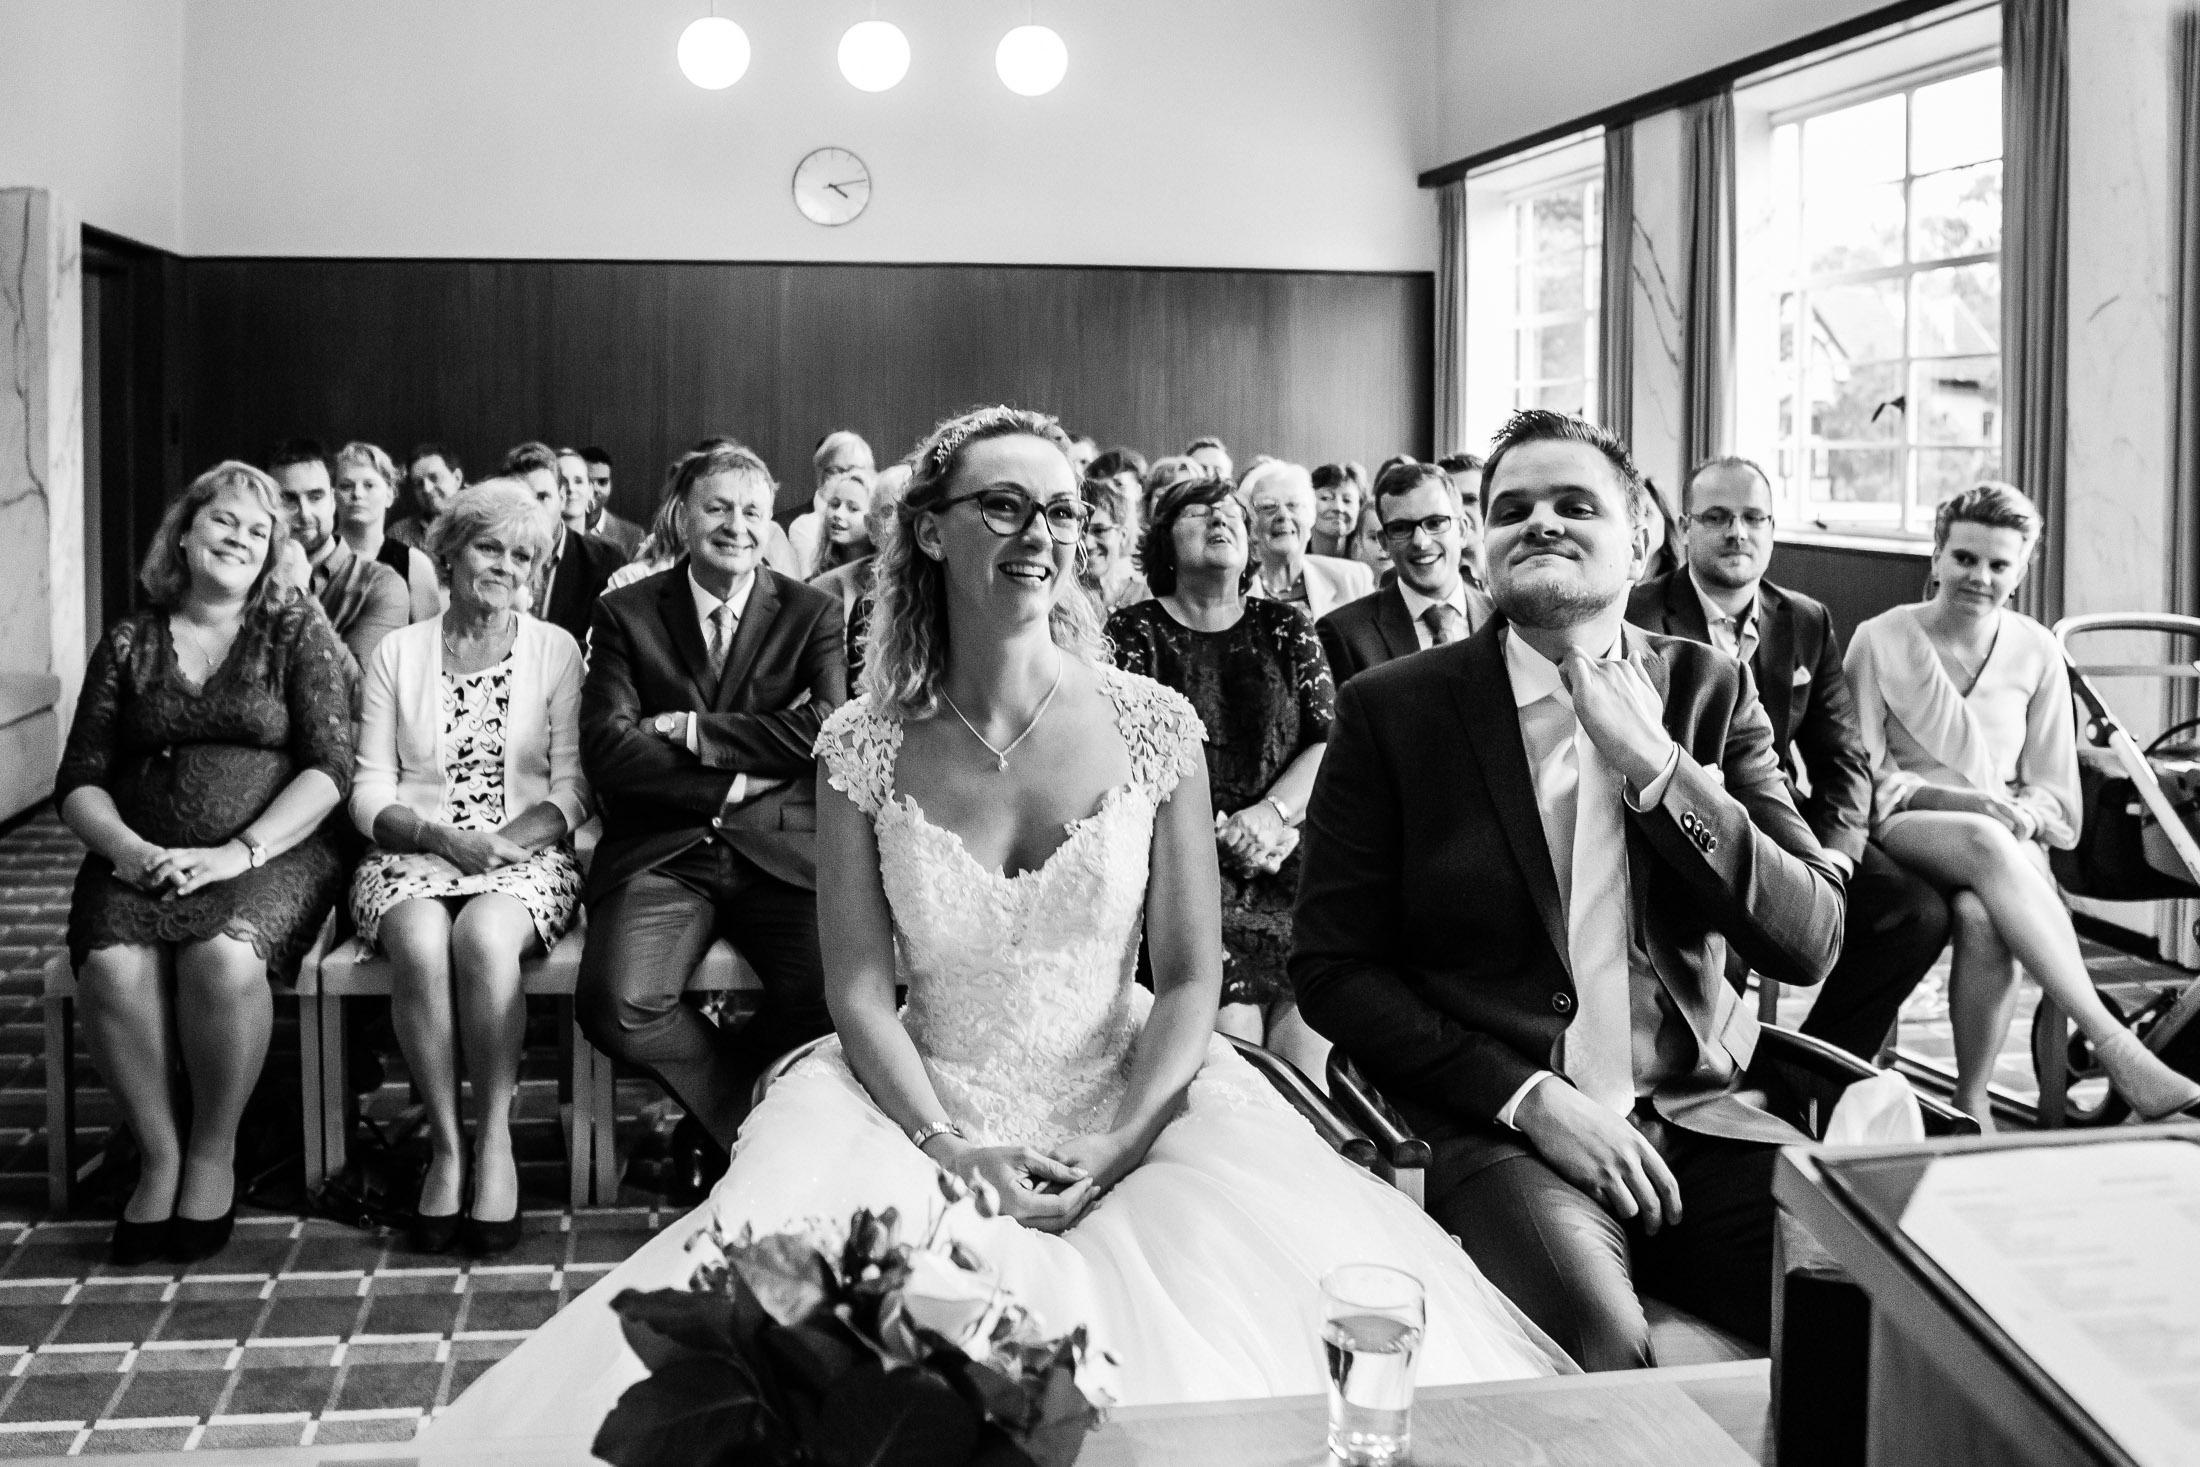 Bruidsfotografie heide Soesterberg bruidspaar by Birense Fotografie -1-15.jpg